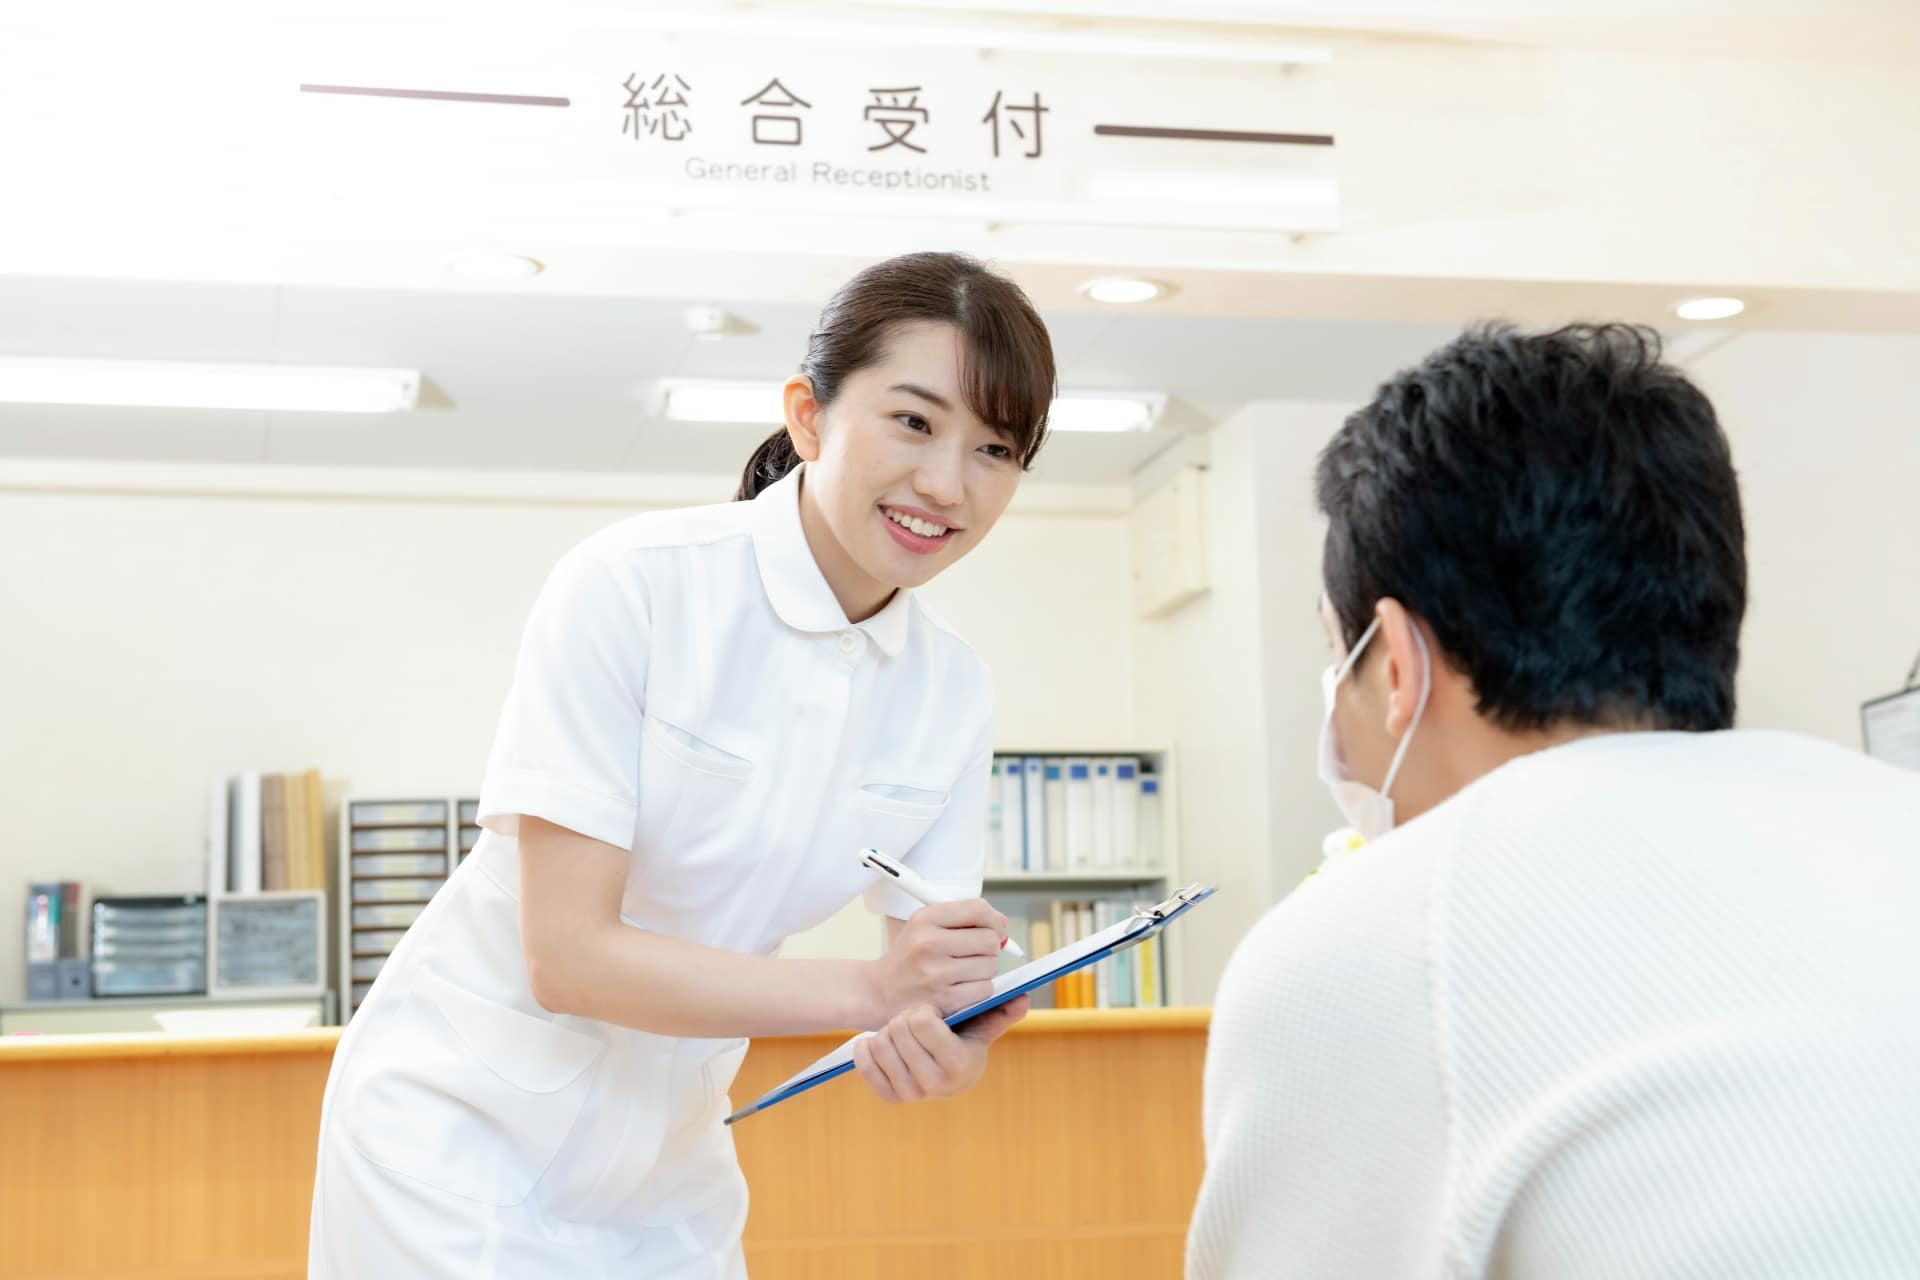 患者の様子を聞く医療事務の女性